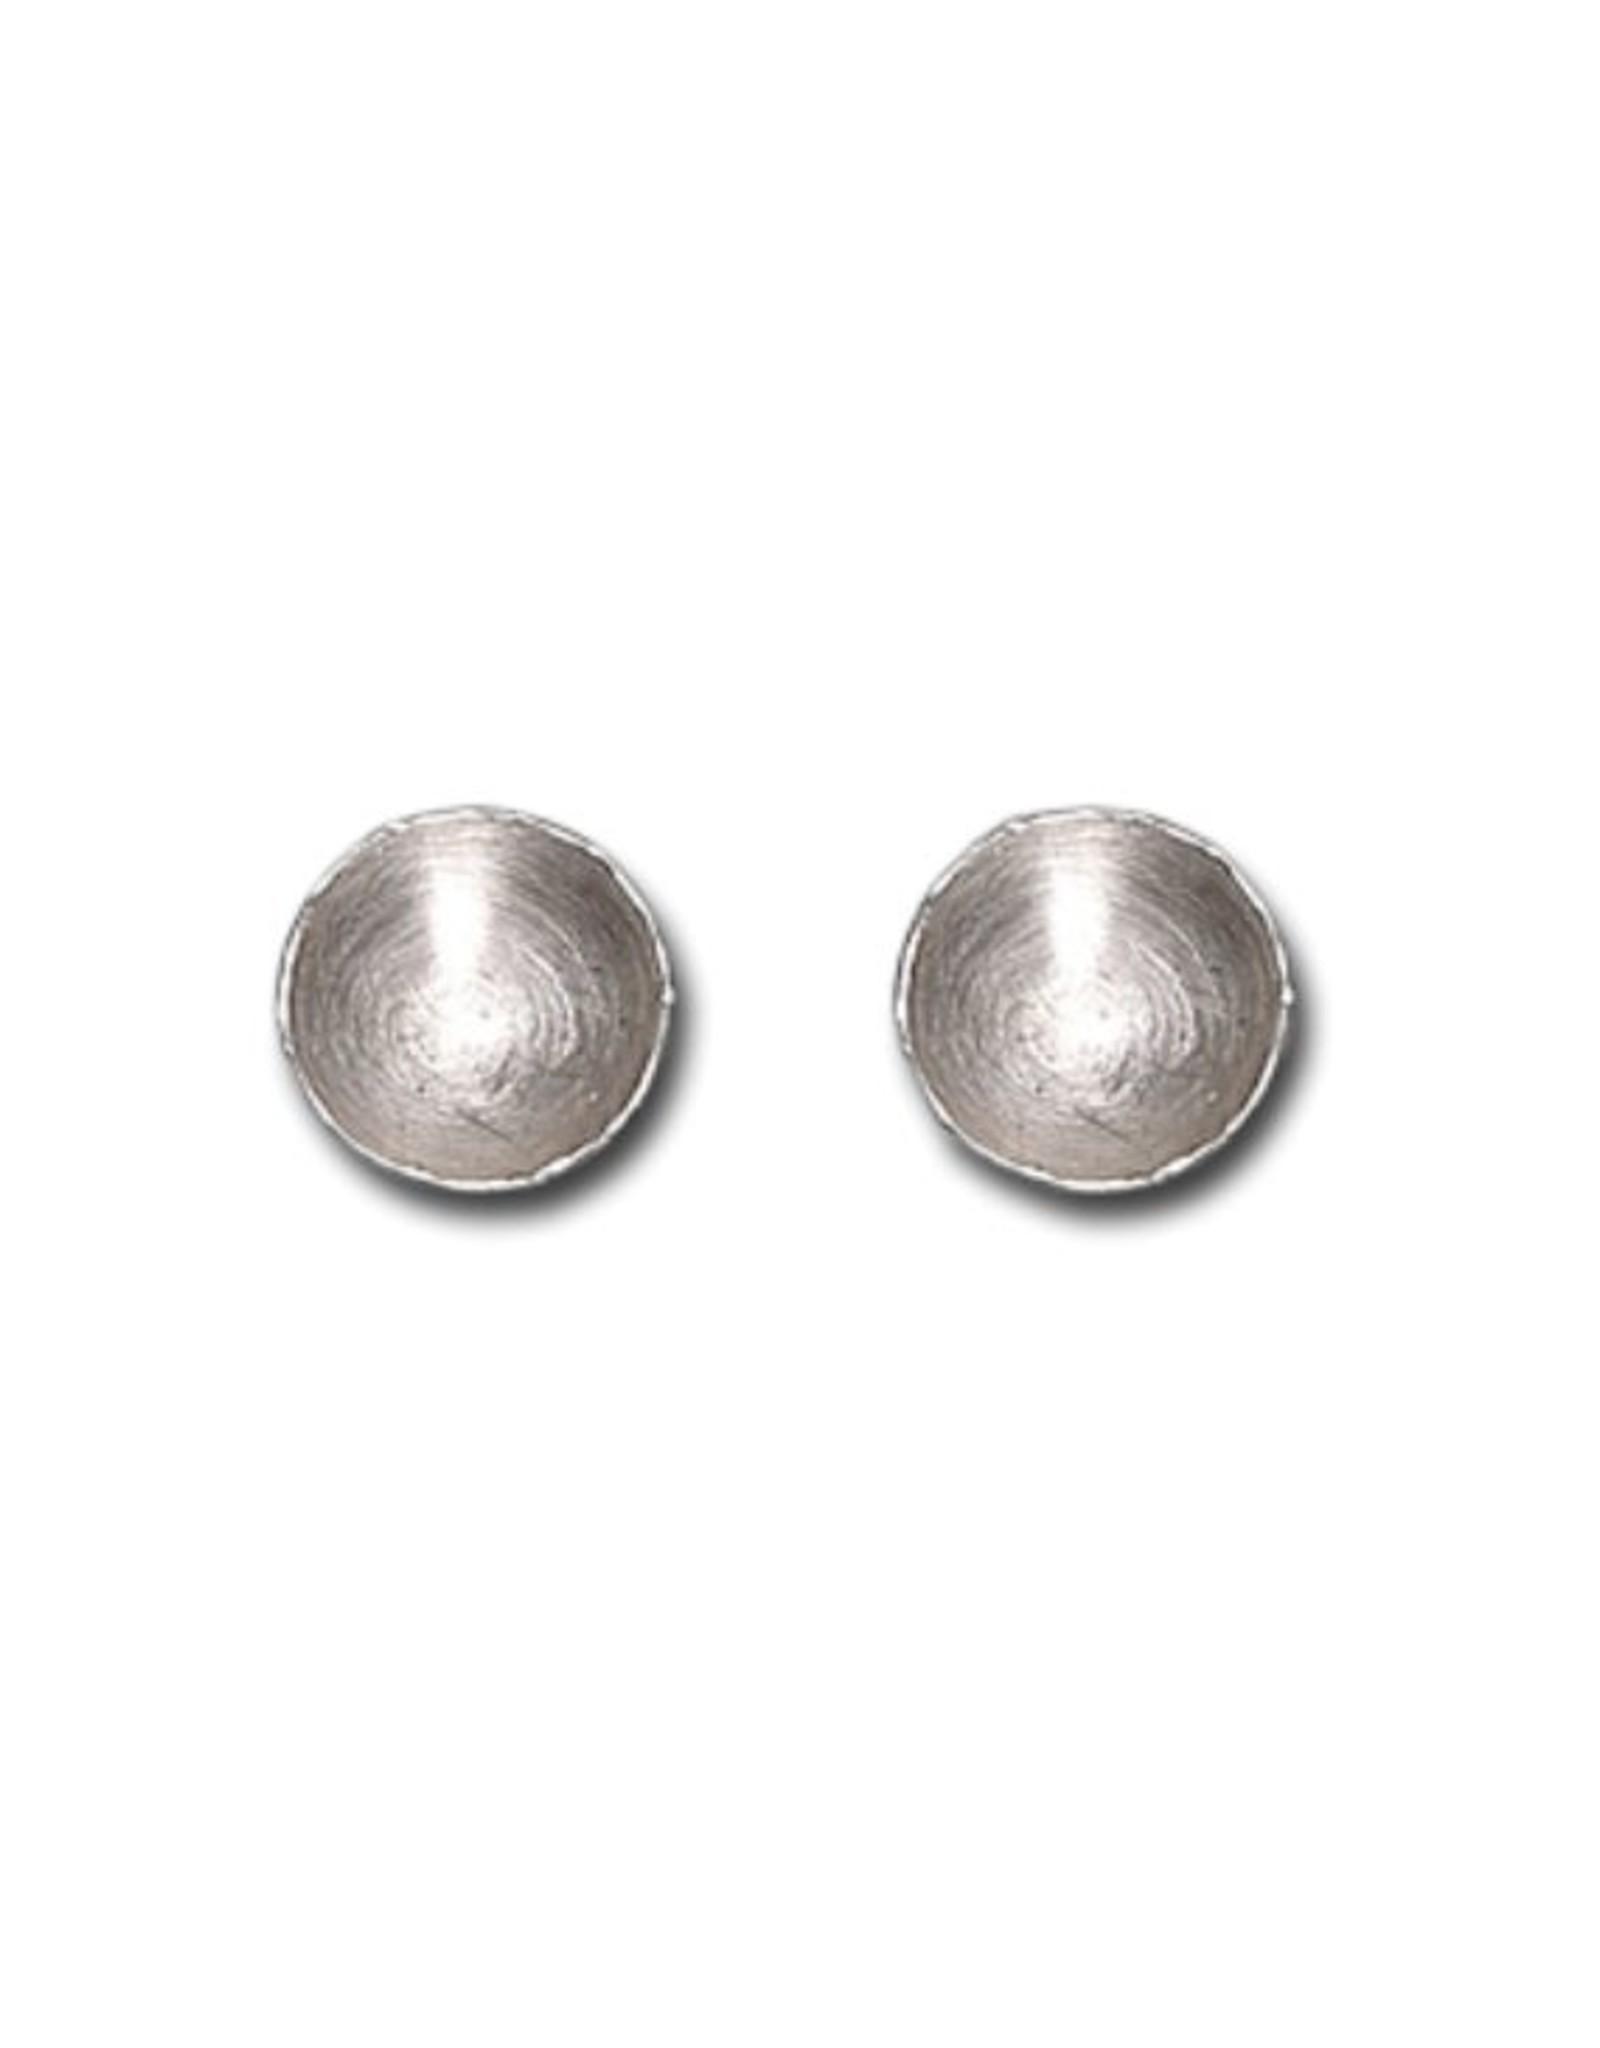 Himatsingka Fragment Silver Earrings - Medium